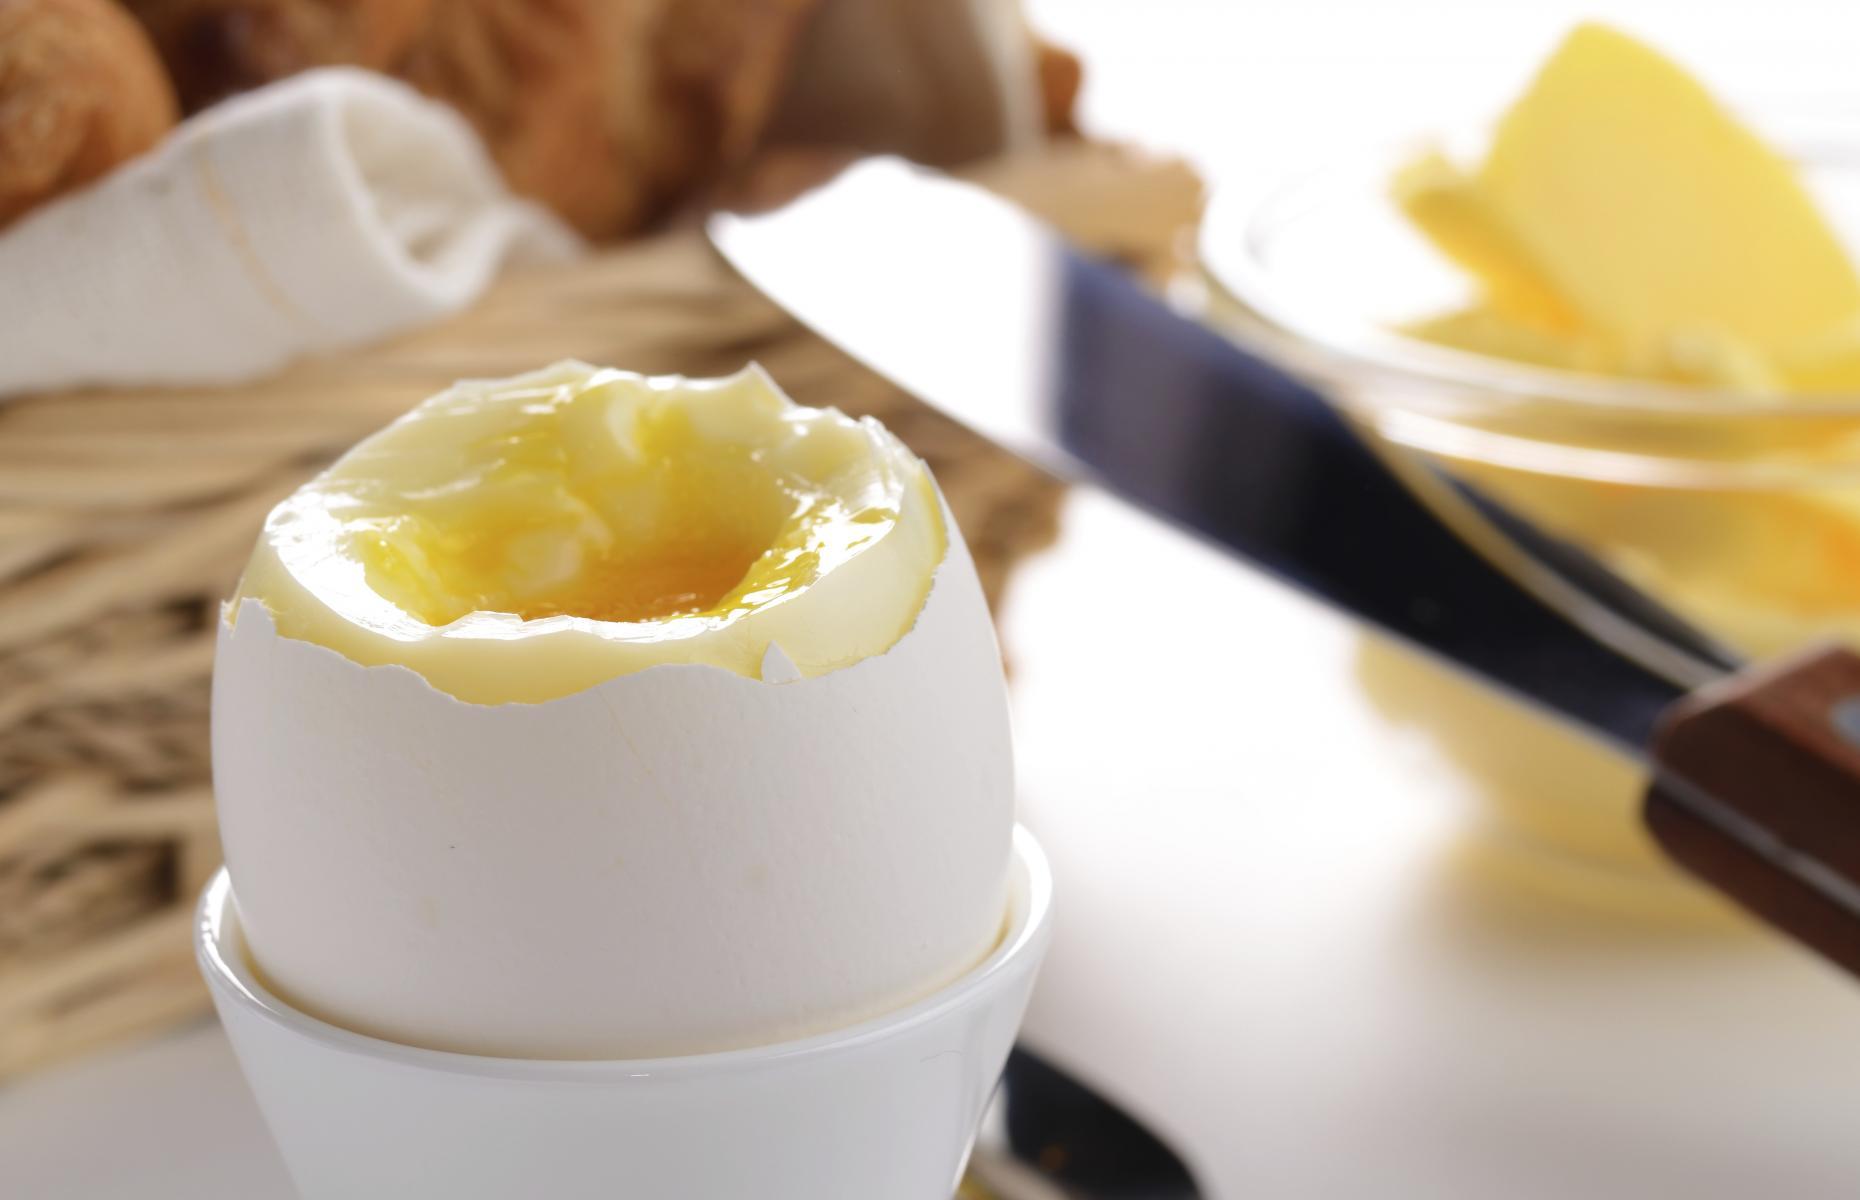 conoces las 8 formas de cocinar los huevos